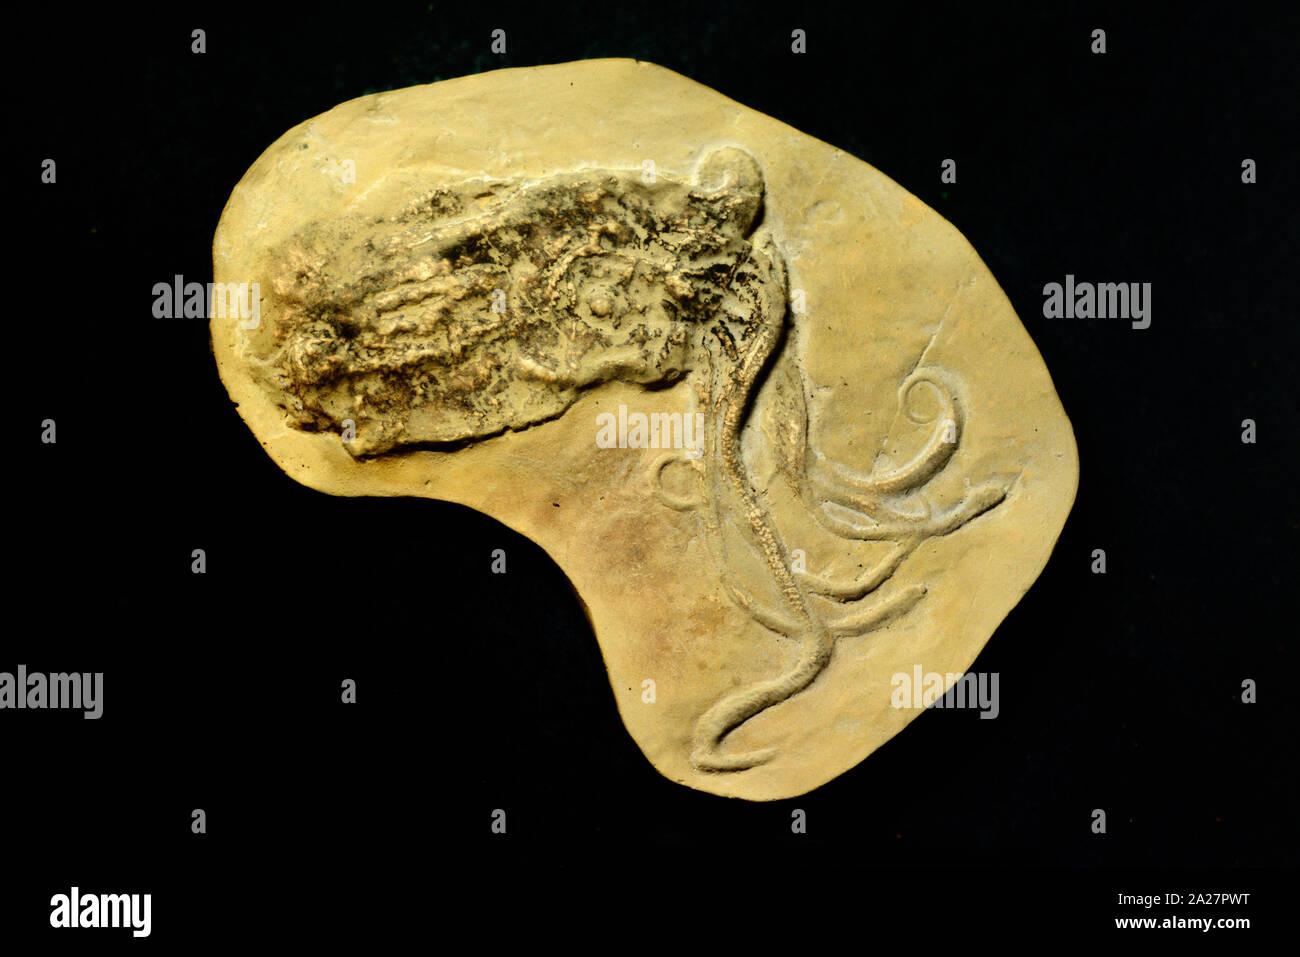 Proteroctopus ribeti combustibles, une espèce de pieuvre ou des pieuvres primitive de l'ère jurassique 160MA trouvé dans l'Ardèche France Banque D'Images